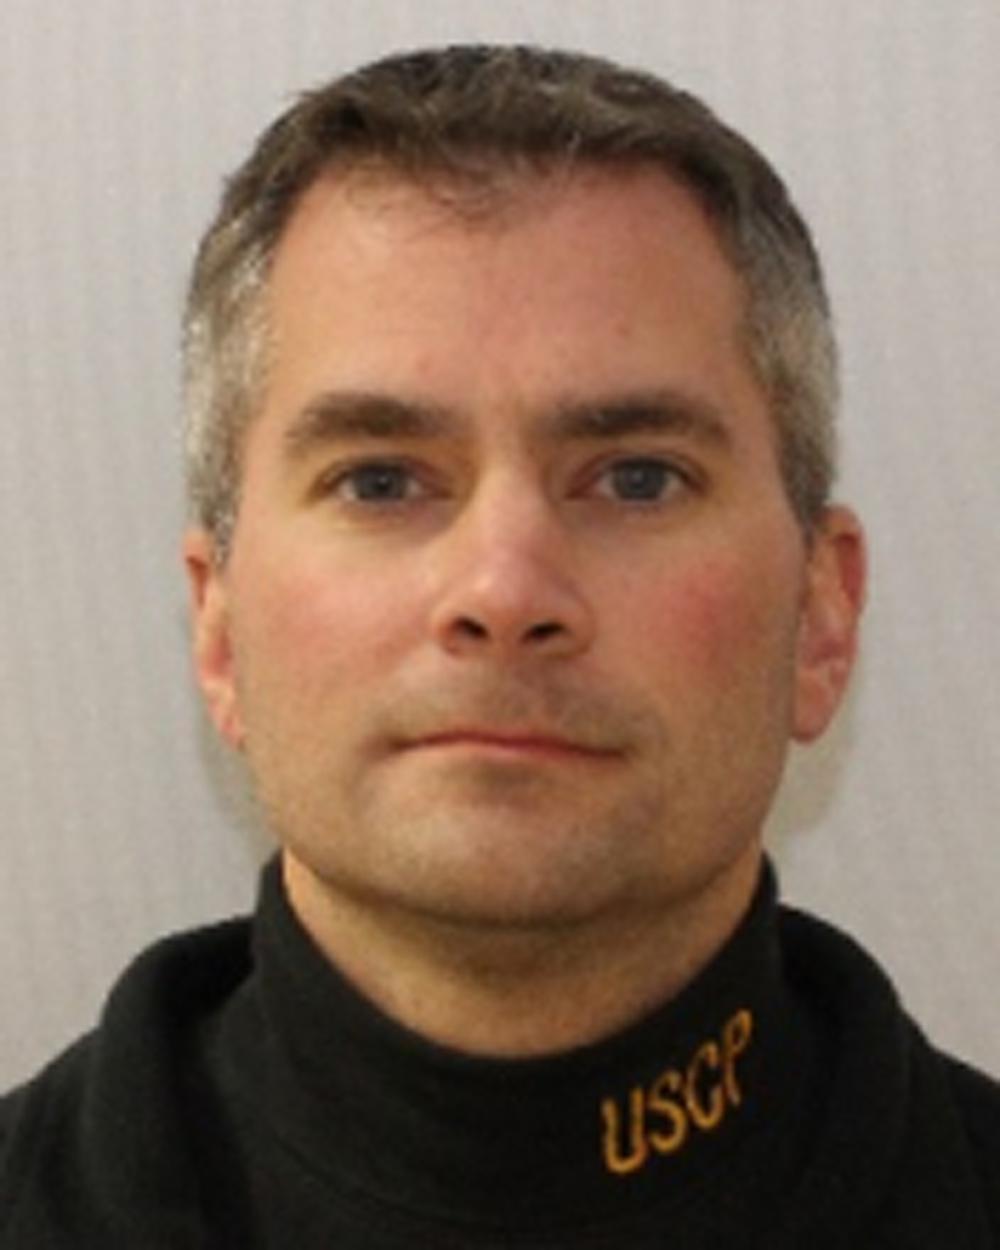 Officer Brian Sicknick was an Air National Guard veteran.